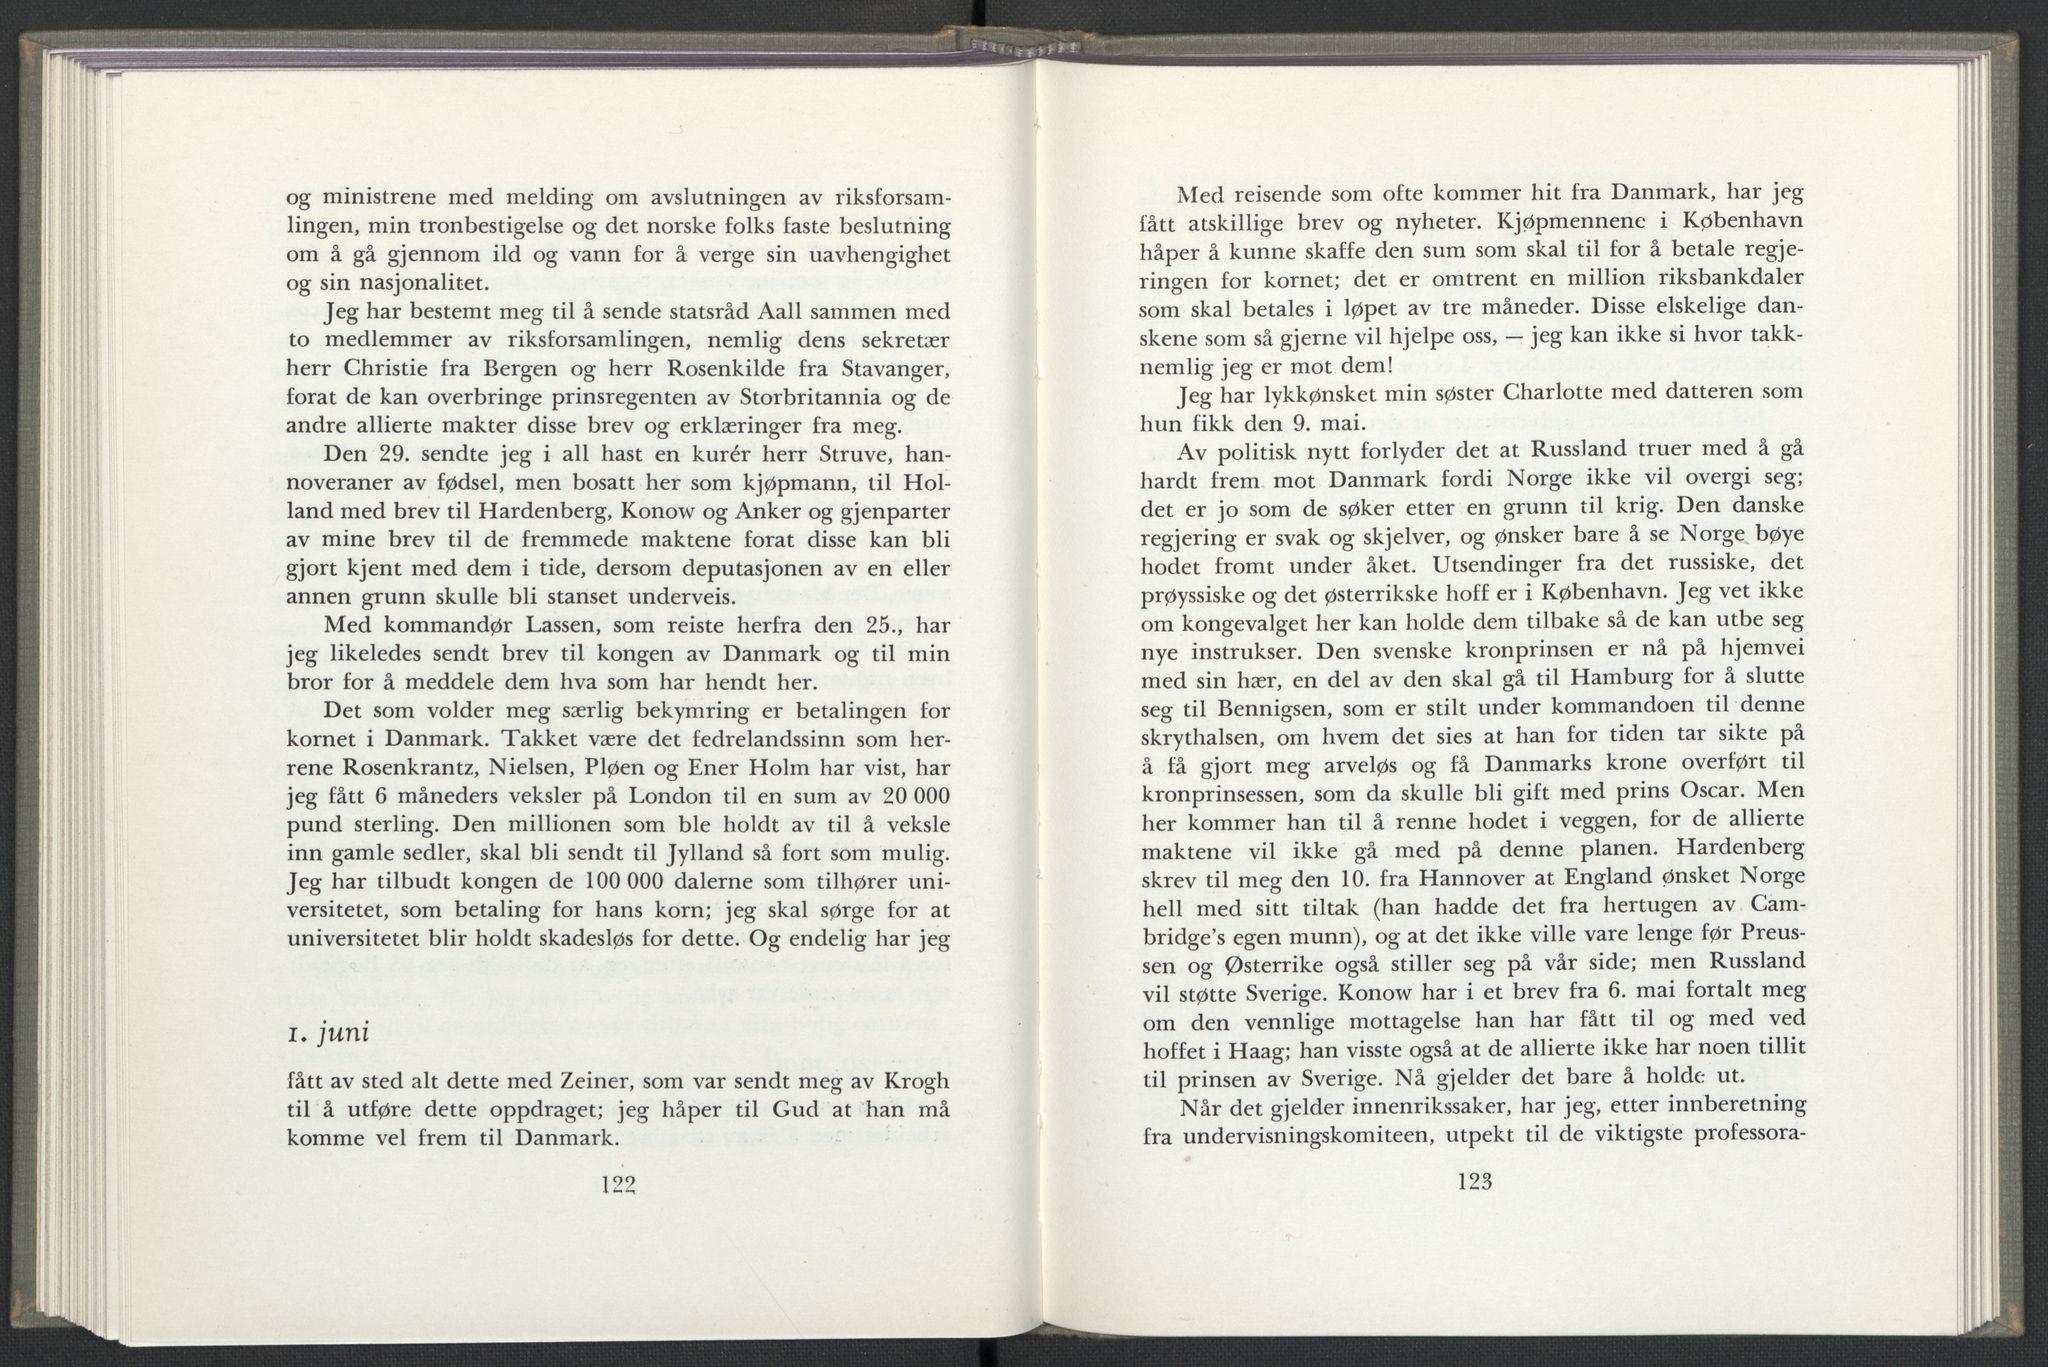 Publikasjoner*, 1954, s. 122-123